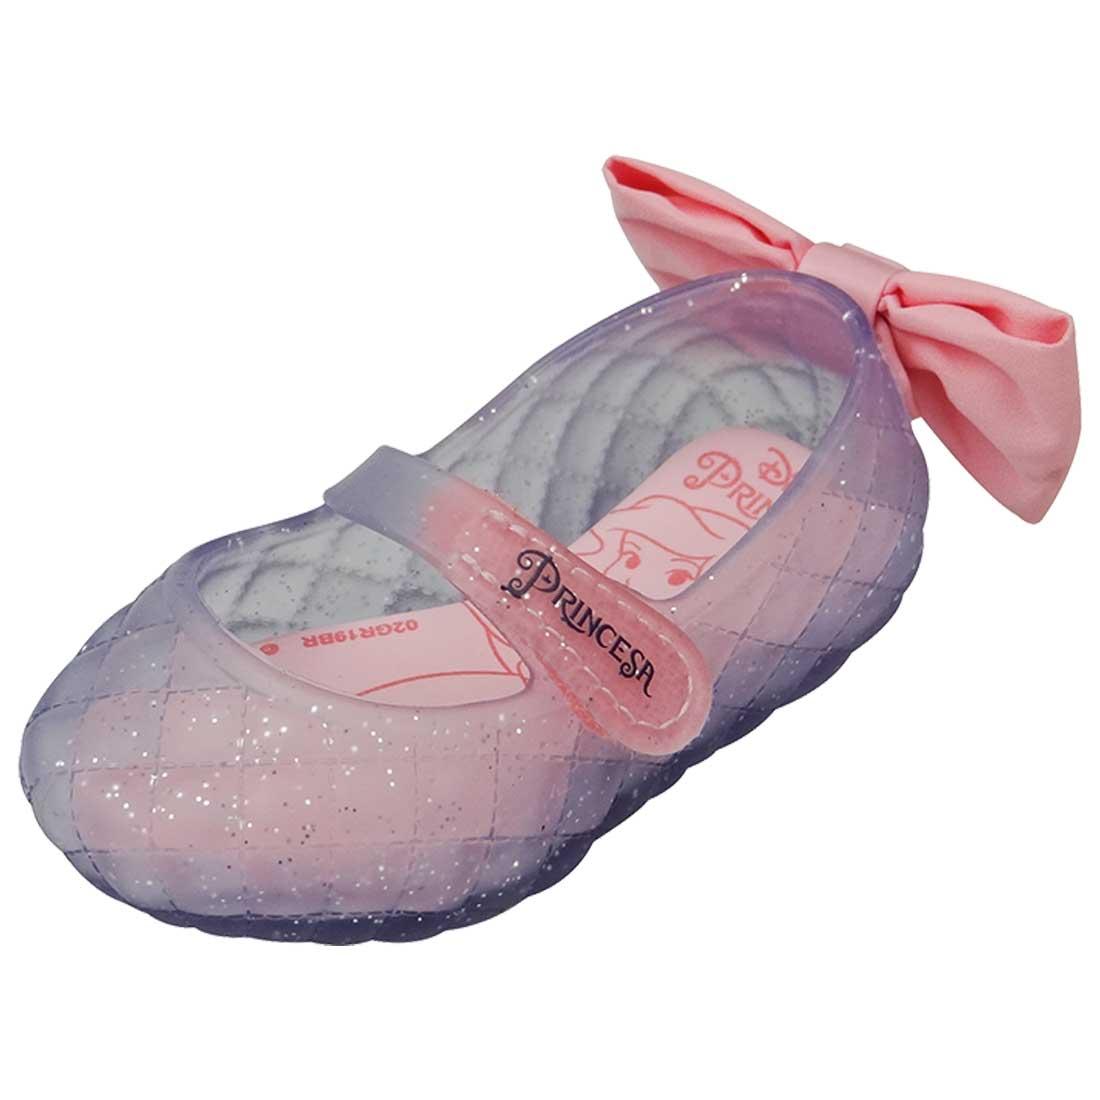 Sapatilha Boneca Baby Disney Ariel - Transparente com Glitter